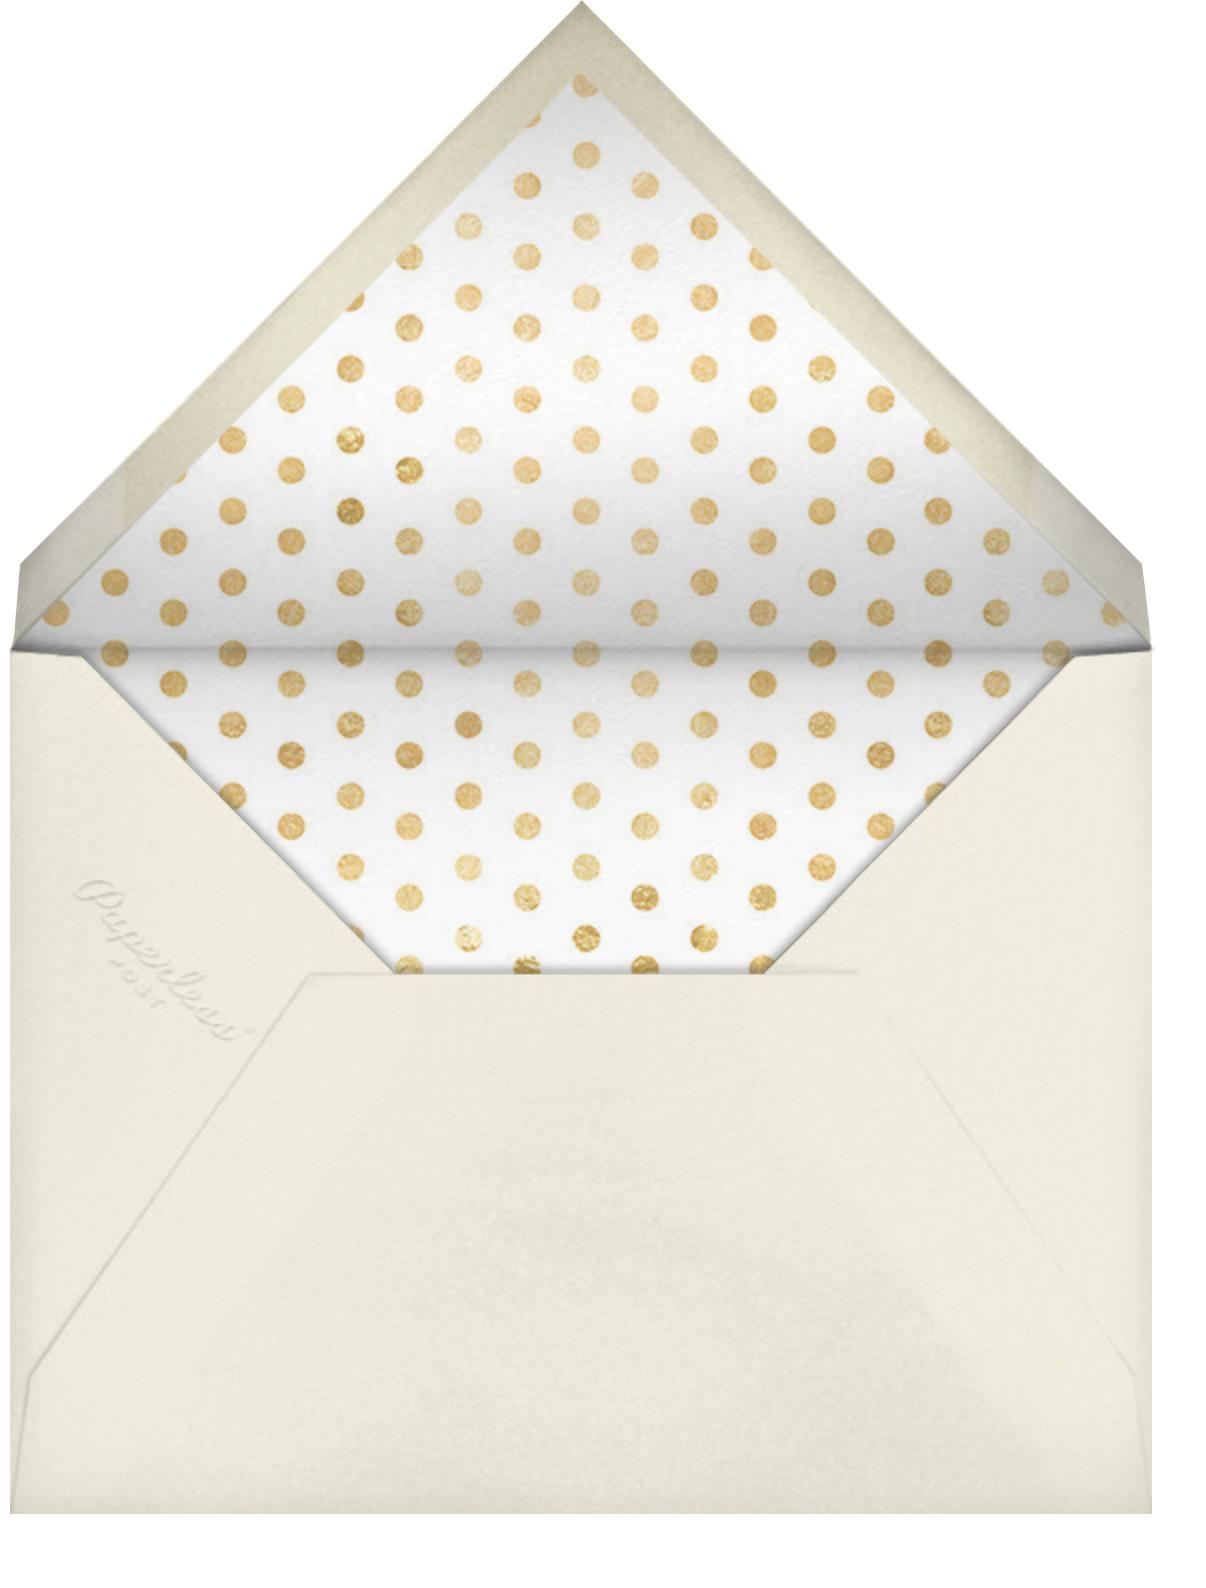 Miss Out - Celadon - kate spade new york - Bridal shower - envelope back